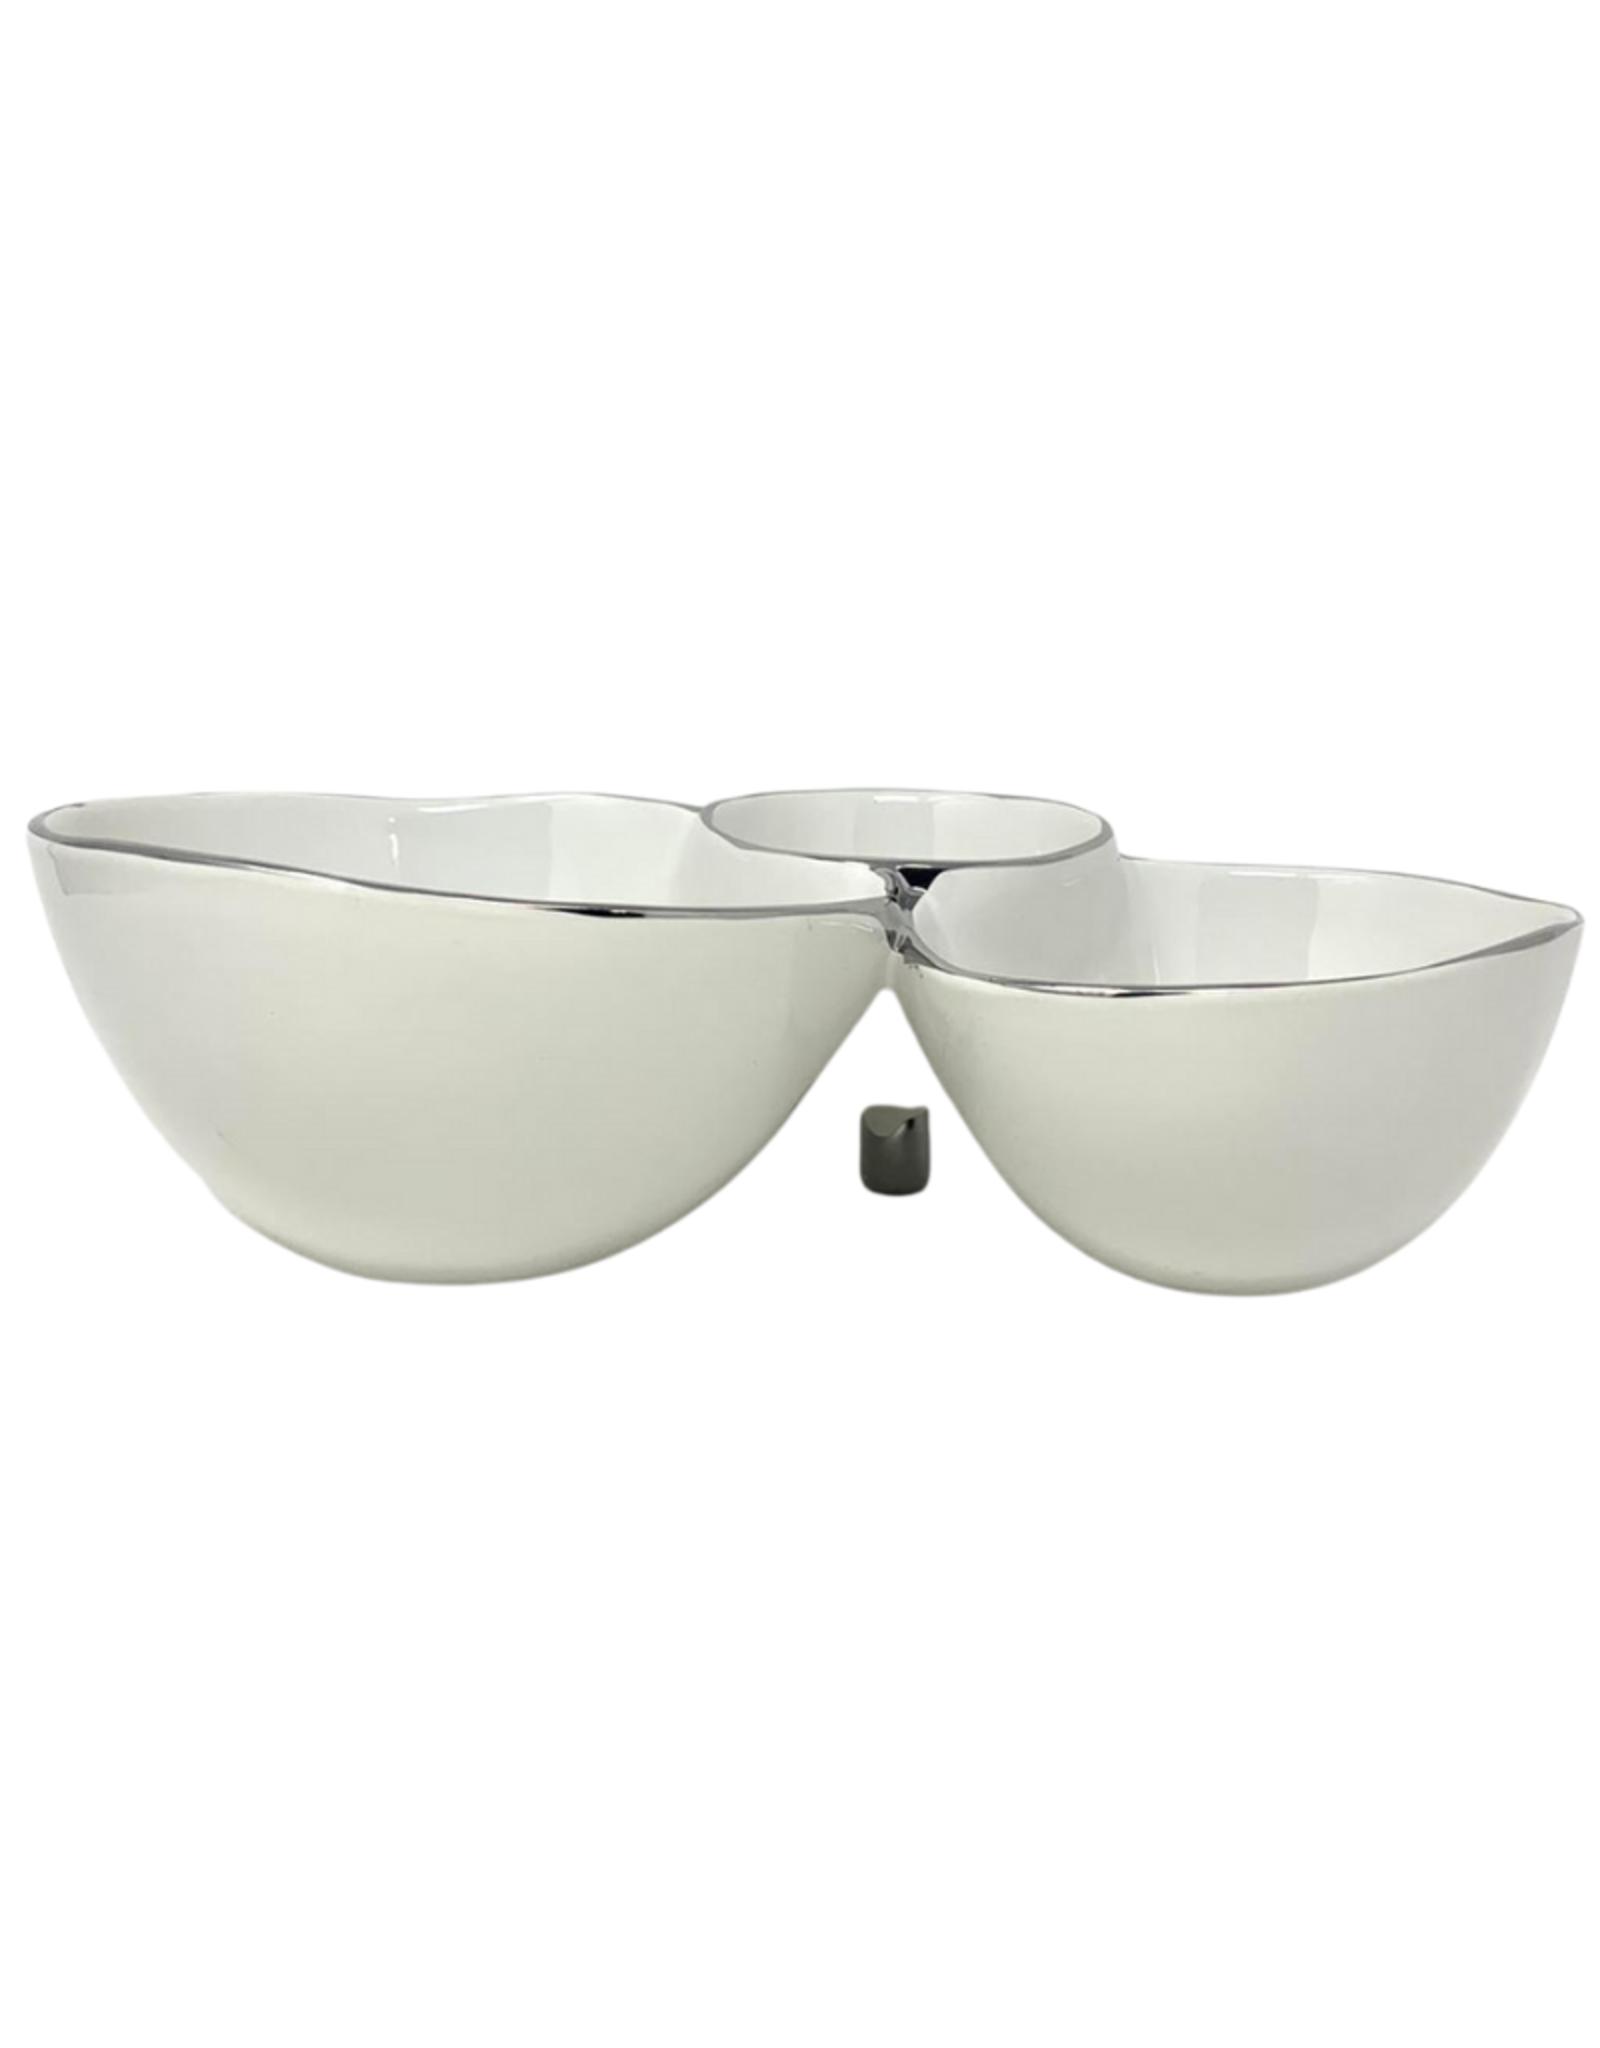 3 Section White Porcelain Server